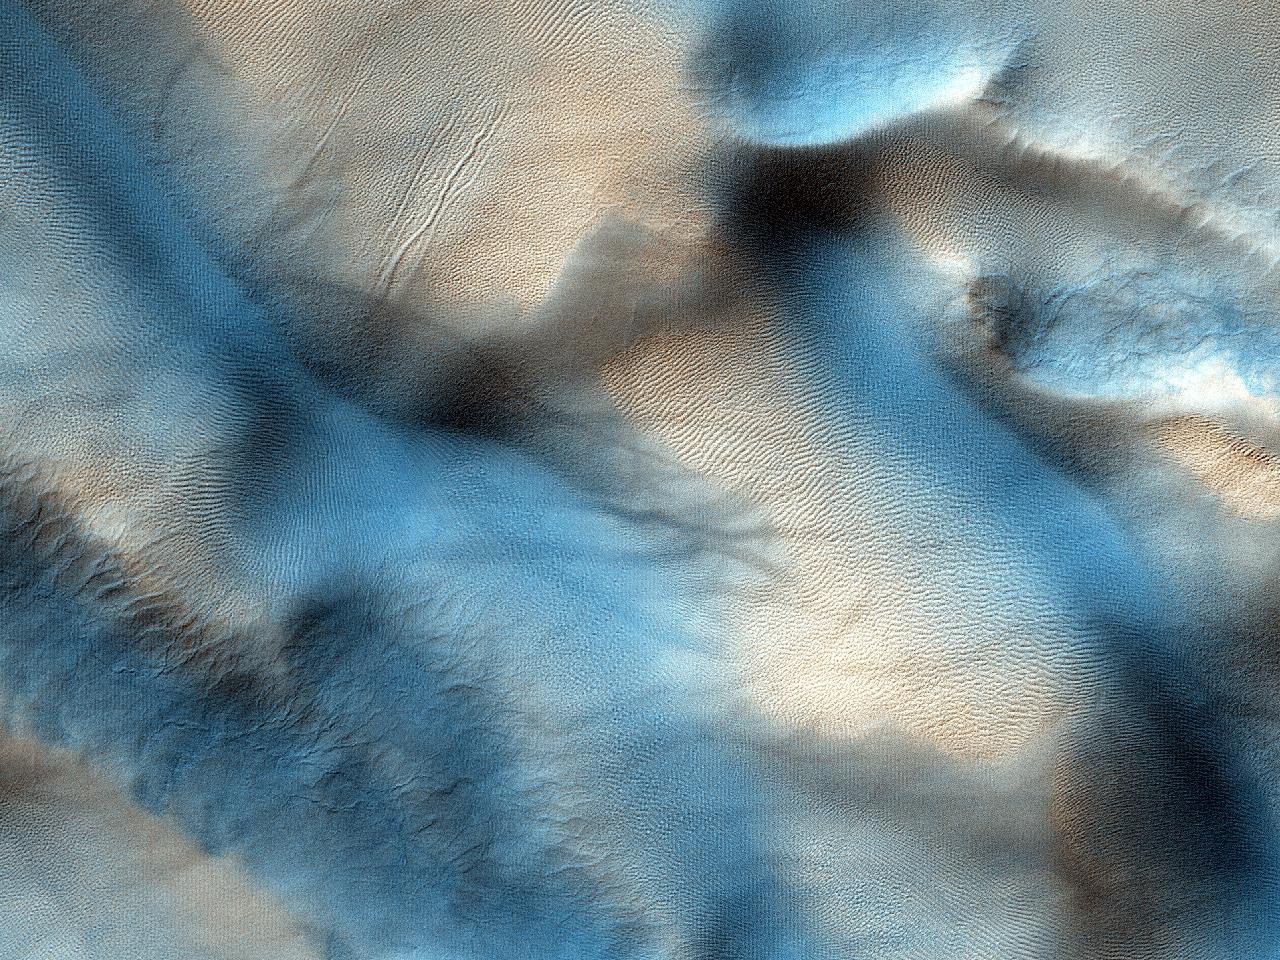 كثبان لفوهة جينس  (Jeans Crater)